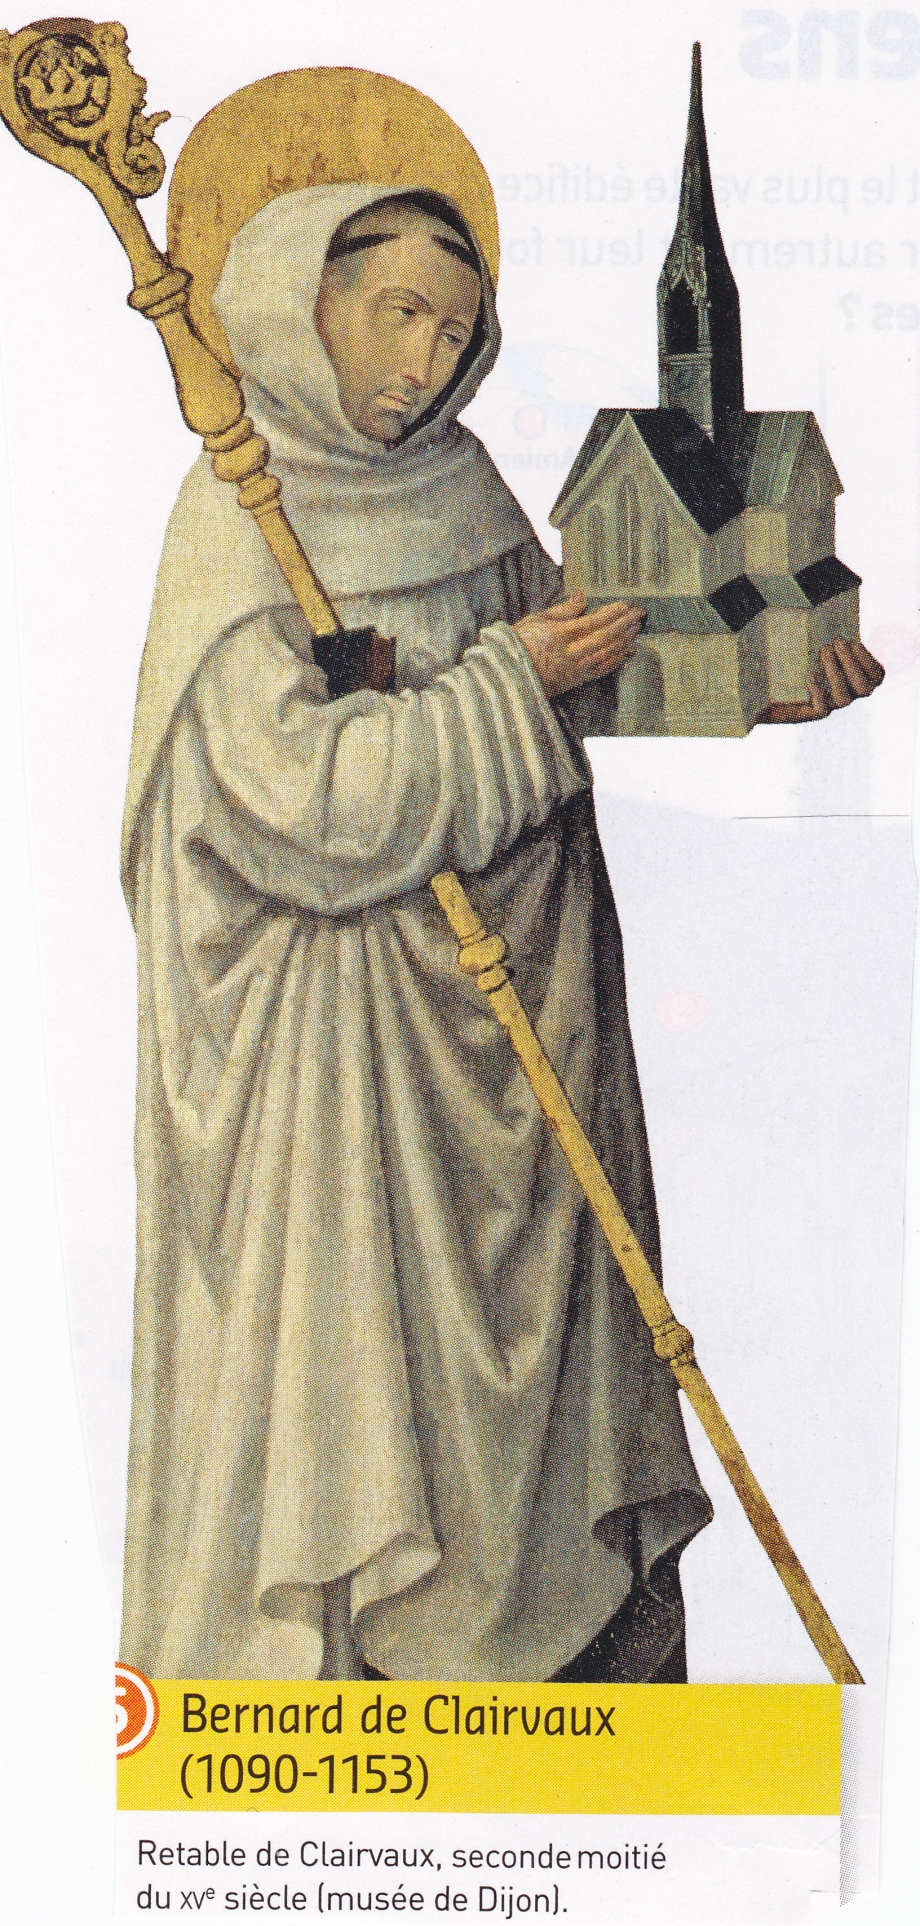 Bernard de Clairvaux.jpg